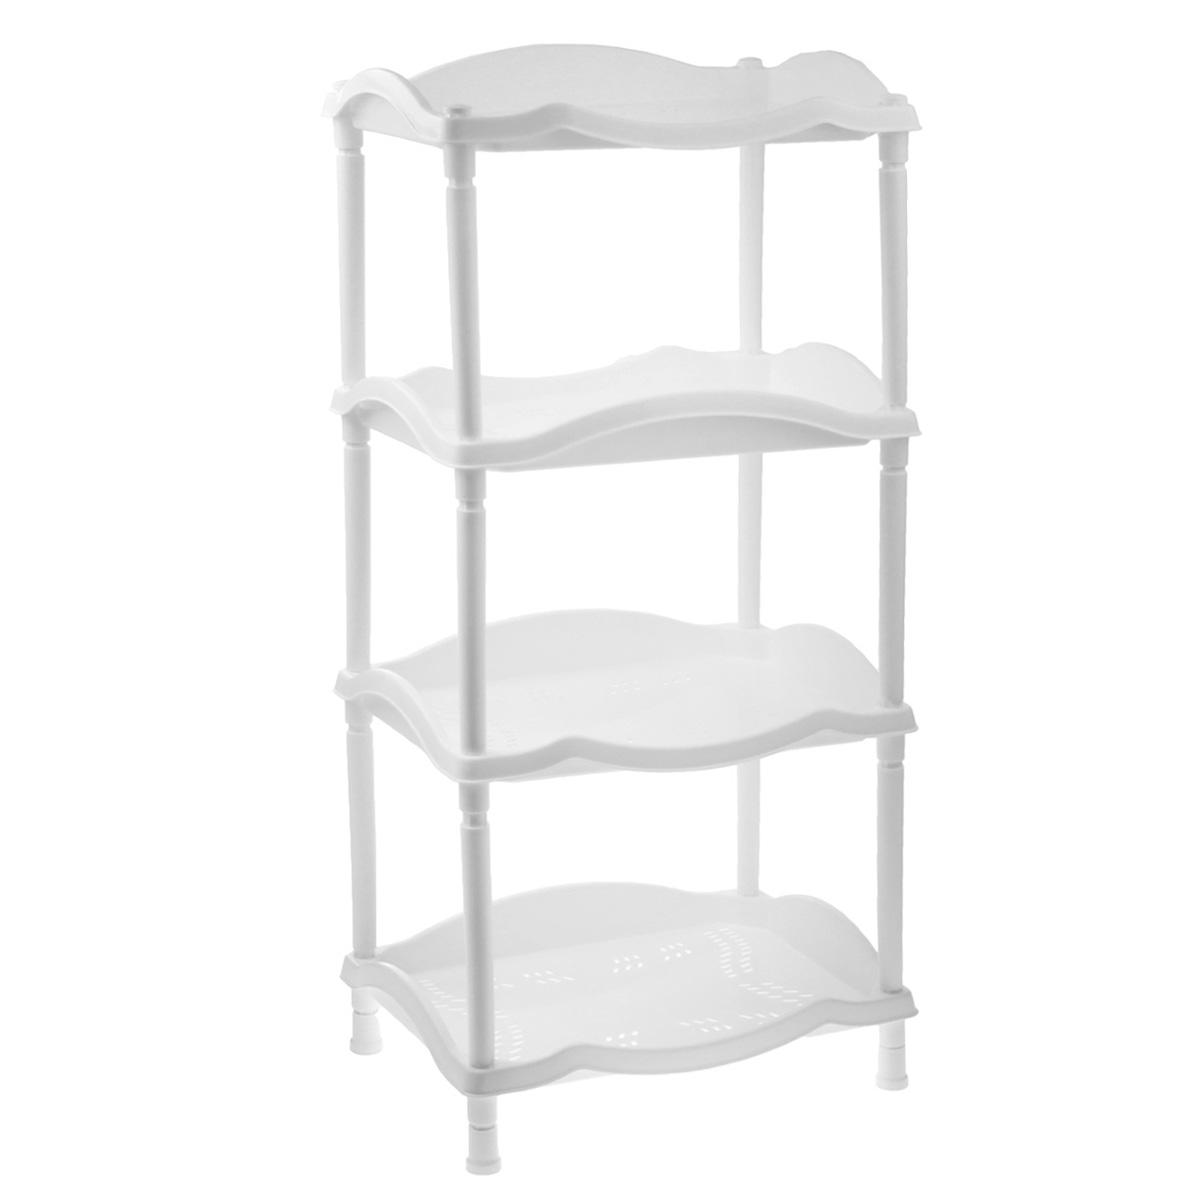 Этажерка Berossi Каскад, 4-х секционная, цвет: белый, 43,8 см х 31,6 см х 89,2 смА14201Этажерка Berossi Каскад выполнена из высококачественного прочного пластика и предназначена для хранения различных предметов. Изделие имеет 4 полки прямоугольной формы с перфорированными стенками. В ванной комнате вы можете использовать этажерку для хранения шампуней, гелей, жидкого мыла, стиральных порошков, полотенец и т.д. Ручной инструмент и детали в вашем гараже всегда будут под рукой. Удобно ставить банки с краской, бутылки с растворителем. В гостиной этажерка позволит удобно хранить под рукой книги, журналы, газеты. С помощью этажерки также легко навести порядок в детской, она позволит удобно и компактно хранить игрушки, письменные принадлежности и учебники. Этажерка - это идеальное решение для любого помещения. Она поможет поддерживать чистоту, компактно организовать пространство и хранить вещи в порядке, а стильный дизайн сделает этажерку ярким украшением интерьера.Размер этажерки (ДхШхВ): 43,8 см х 31,6 см х 89,2 см. Размер полки (ДхШхВ): 43,8 см х 31,6 см х 6 см.